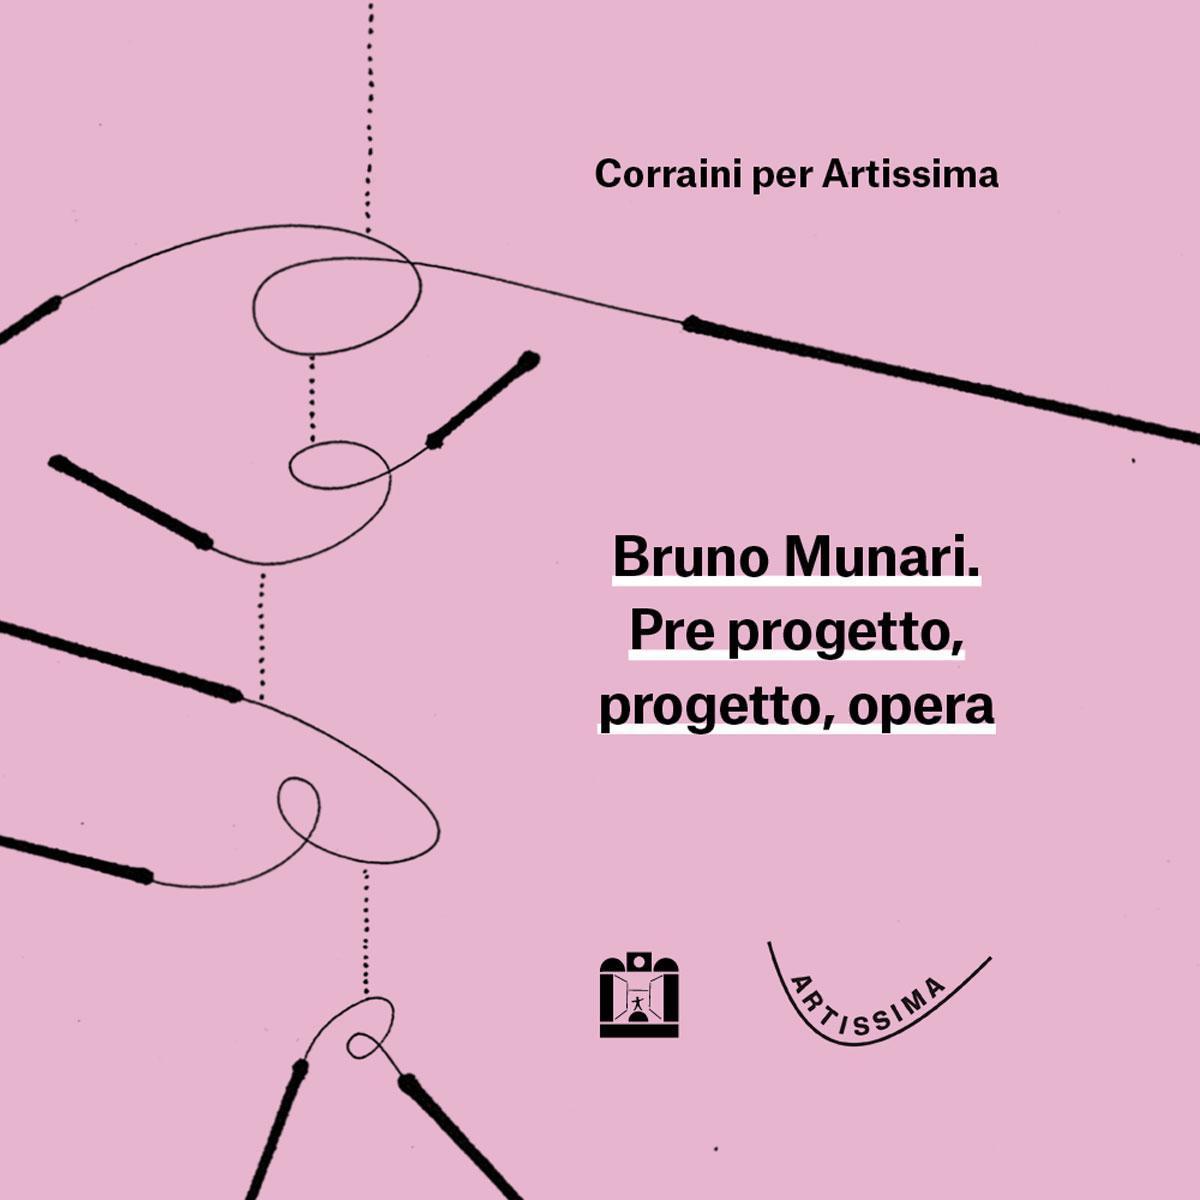 Galleria Maurizio Corraini presenta ad Artissima Bruno Munari. Pre progetto, progetto, opera